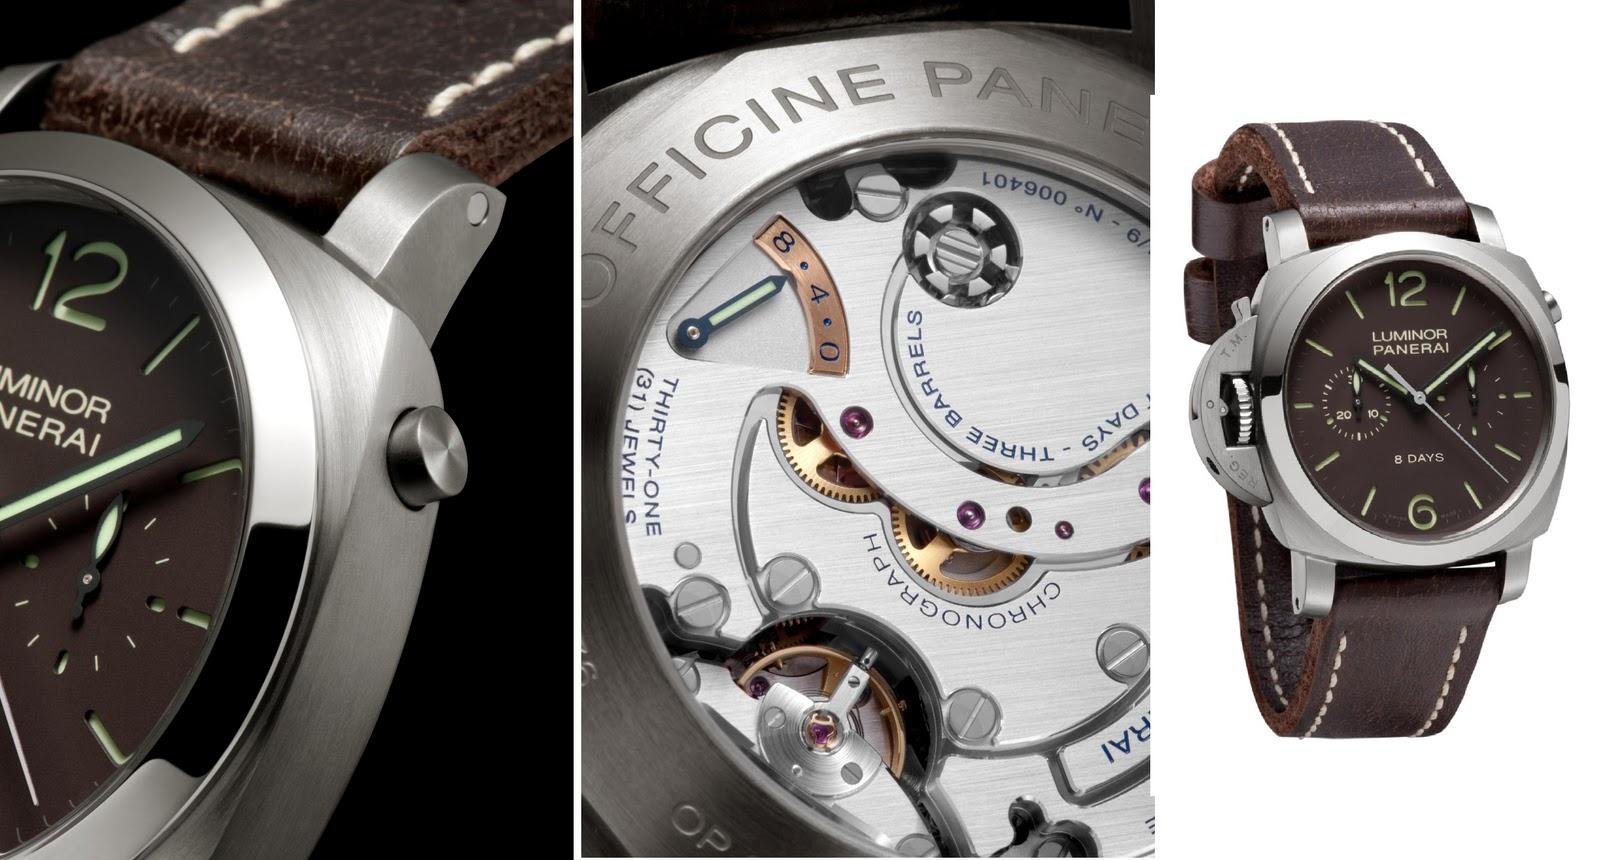 ddcfdf66834 Na colecção 2011 encontram-se relógios cuja caixa foi elaborada com  materiais tão apreciados como o ouro